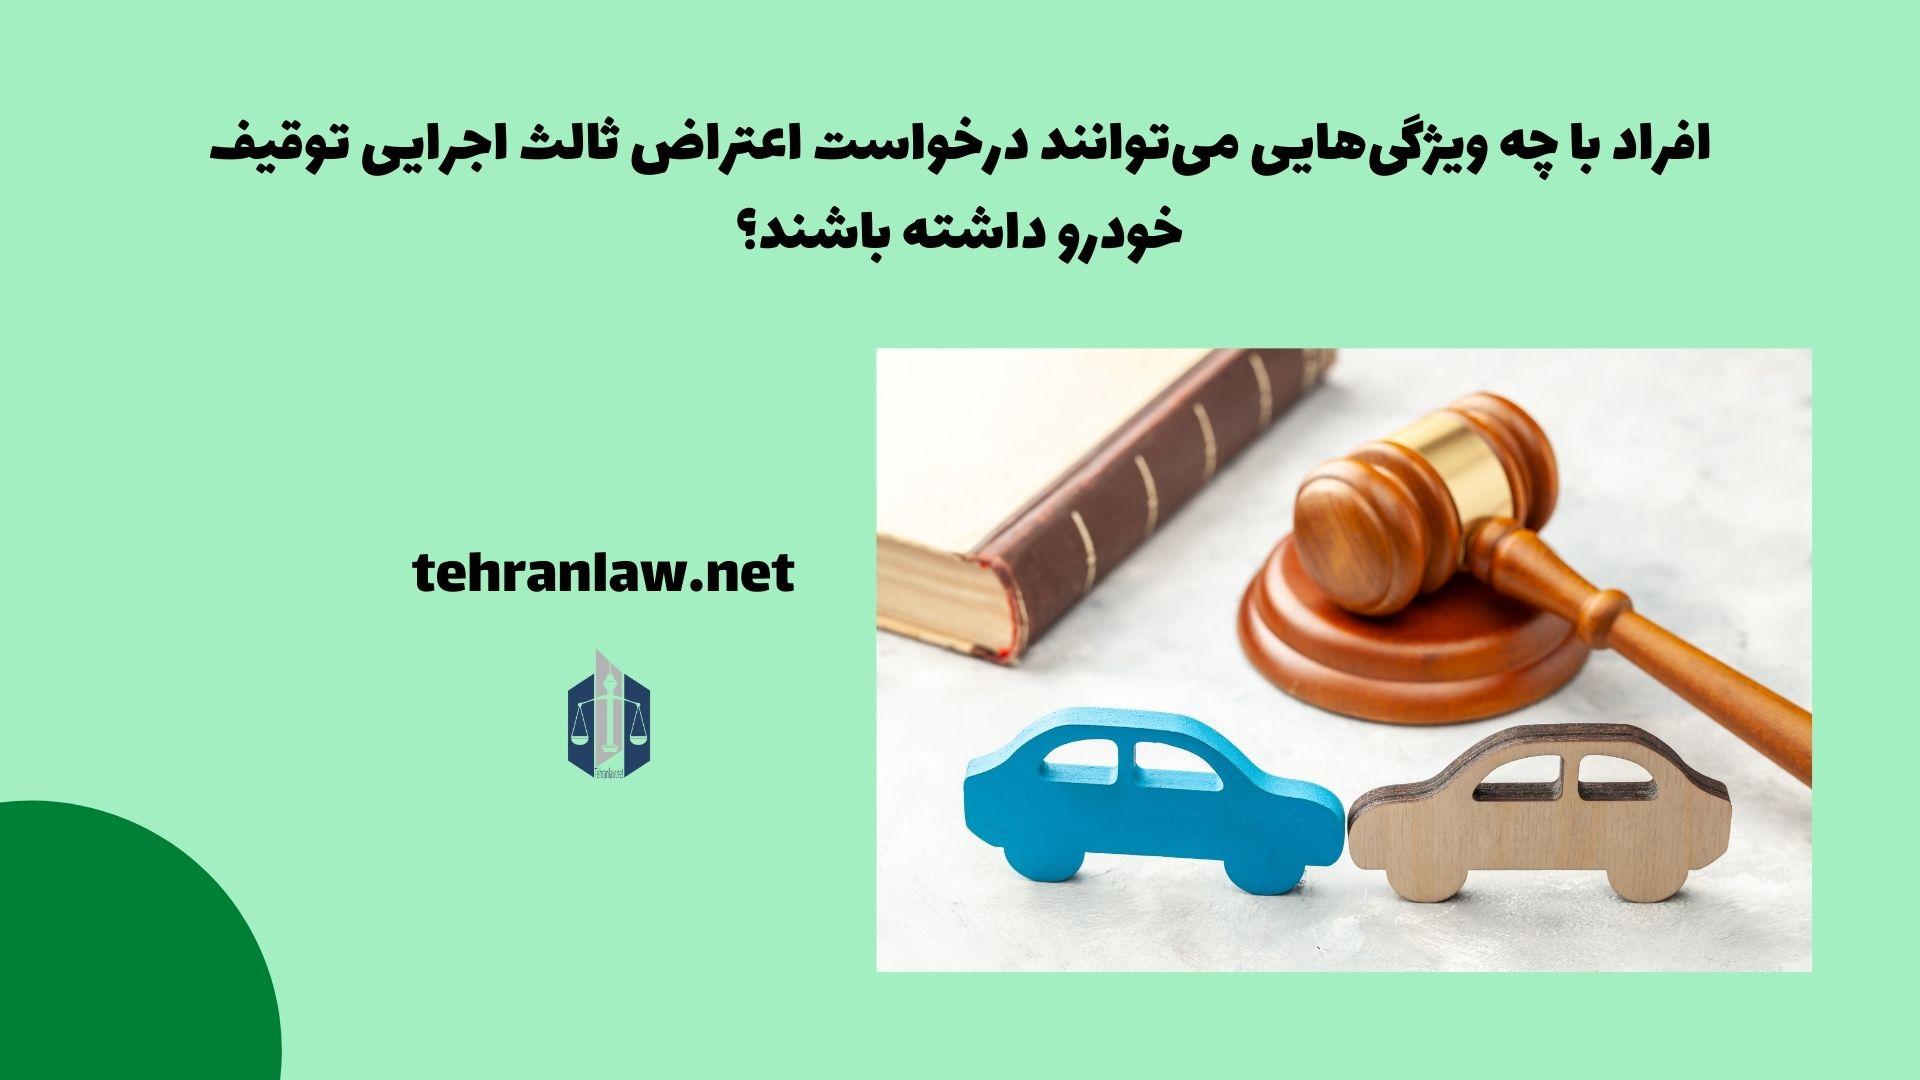 افراد با چه ویژگیهایی میتوانند درخواست اعتراض ثالث اجرایی توقیف خودرو داشته باشند؟